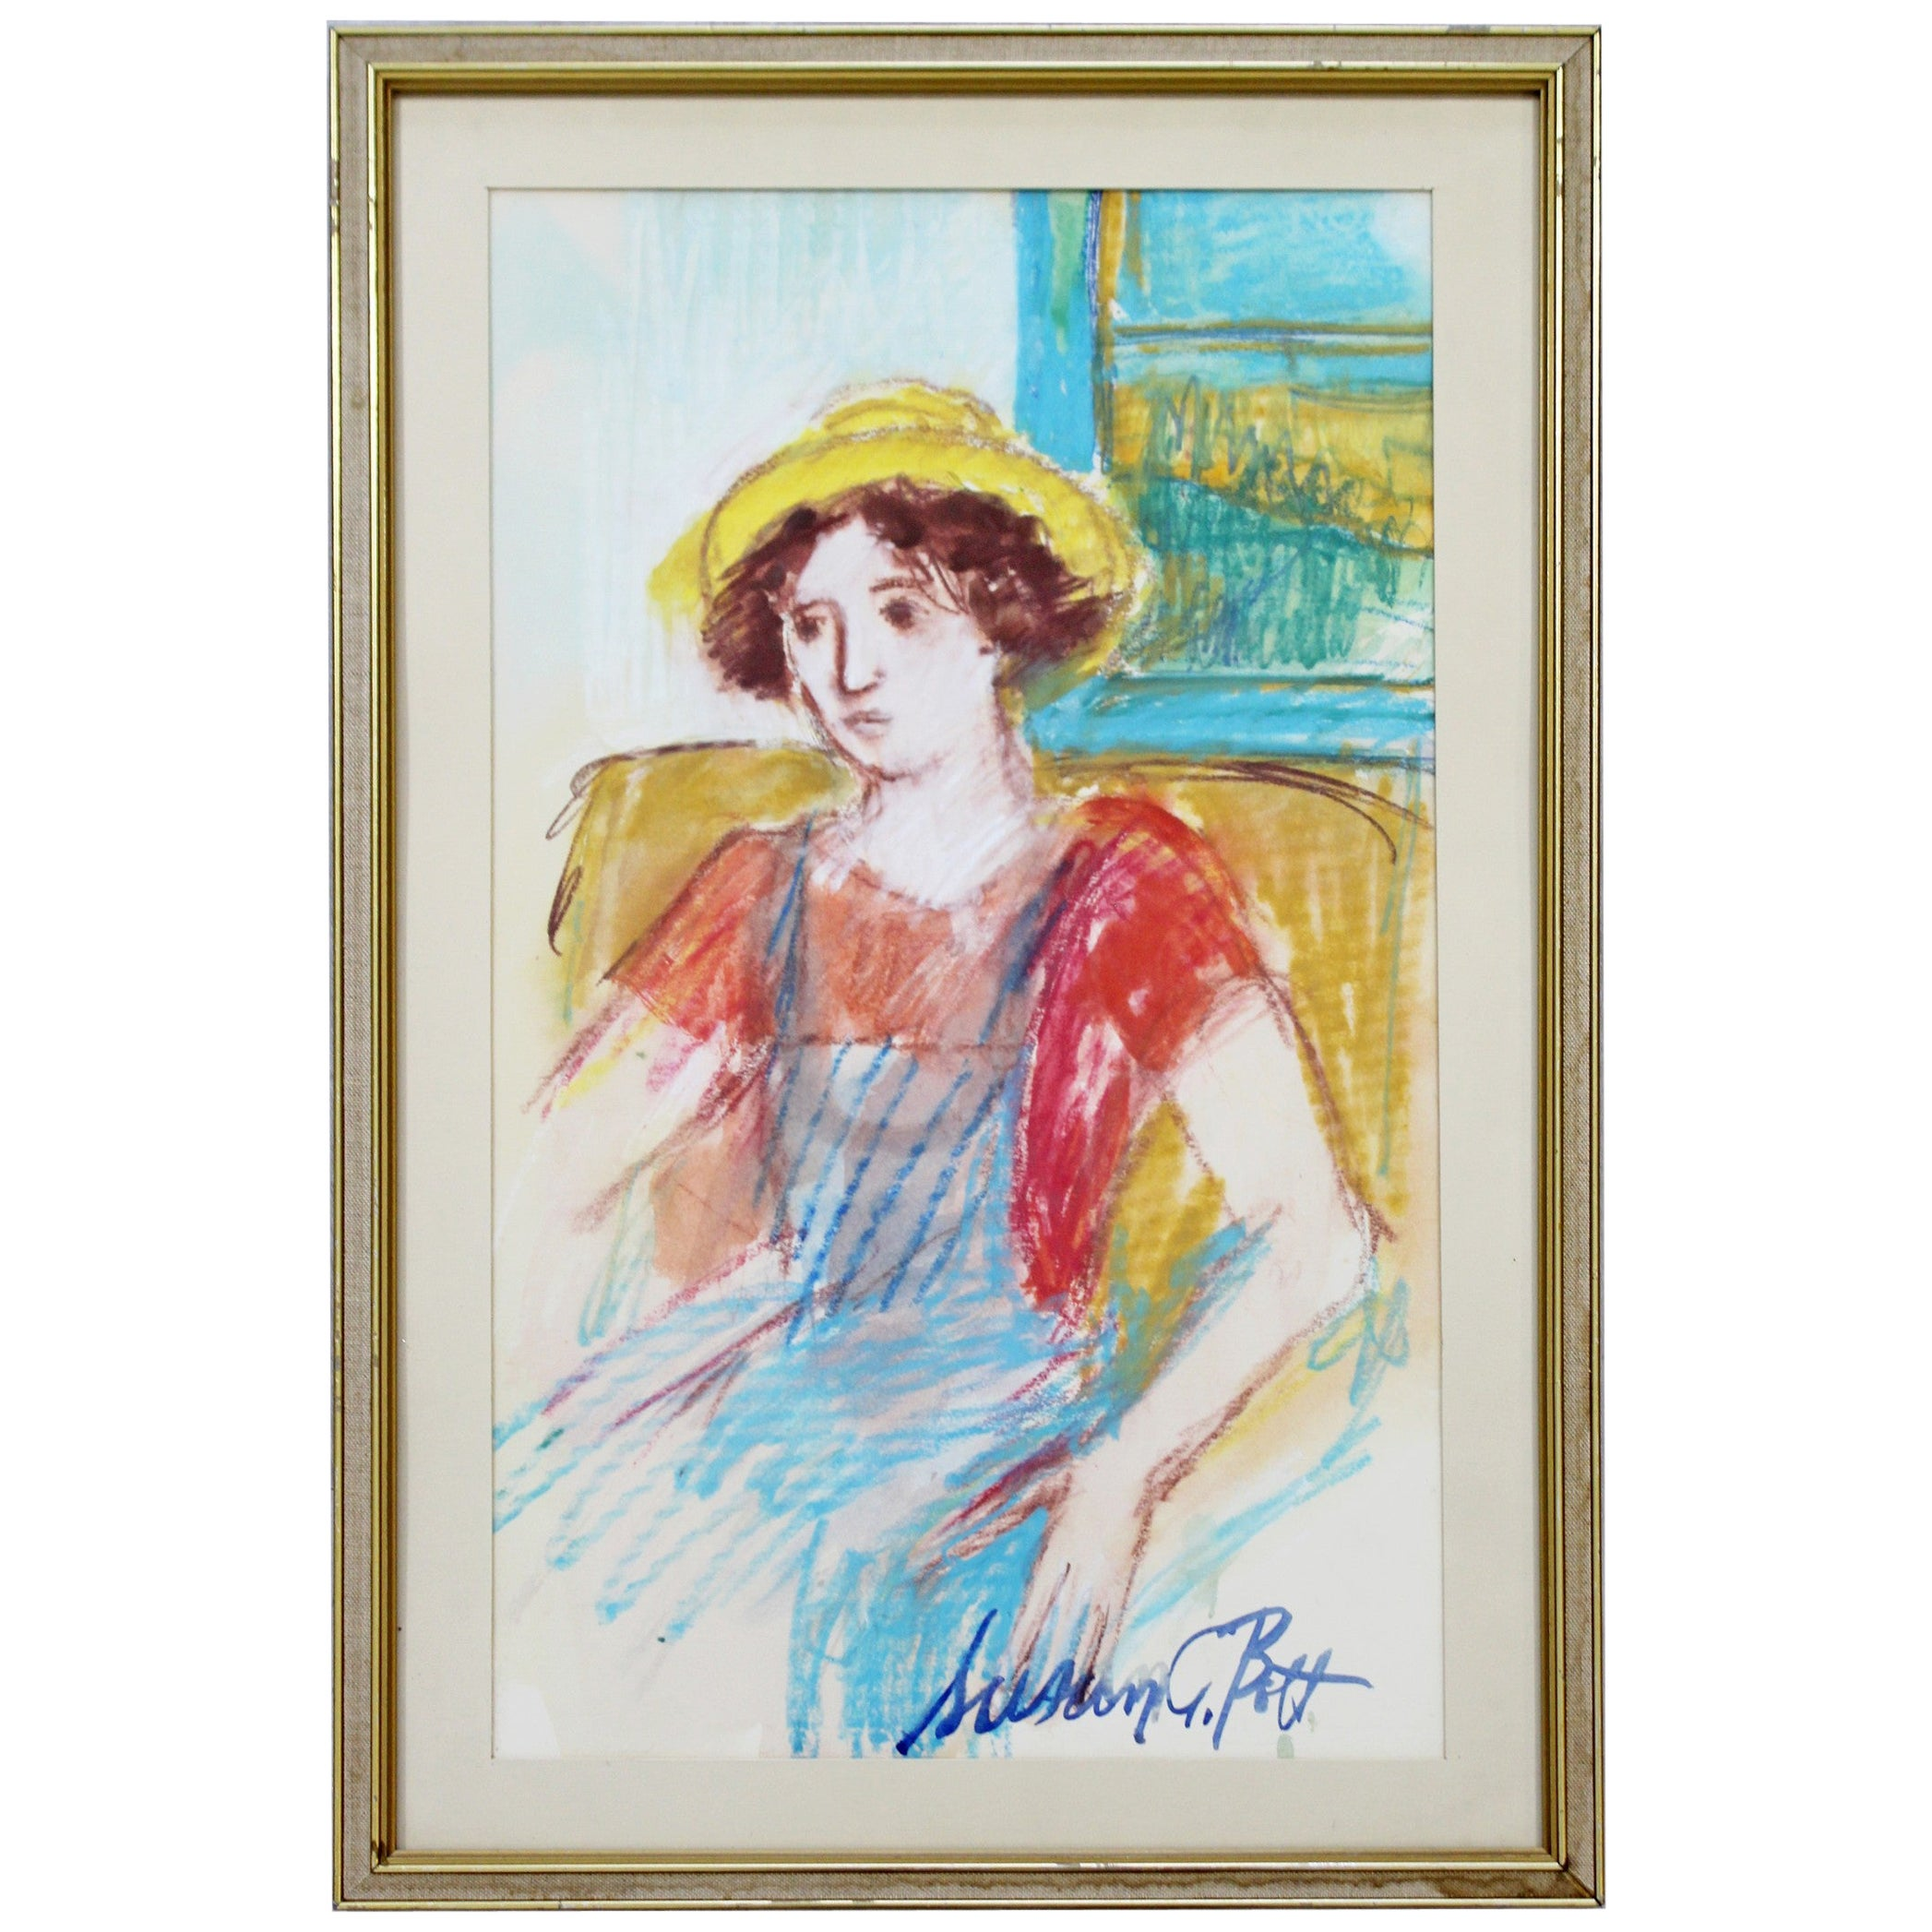 Mid-Century Modern Framed Susan Bolt Untitled Female Pastel Art Framed Signed